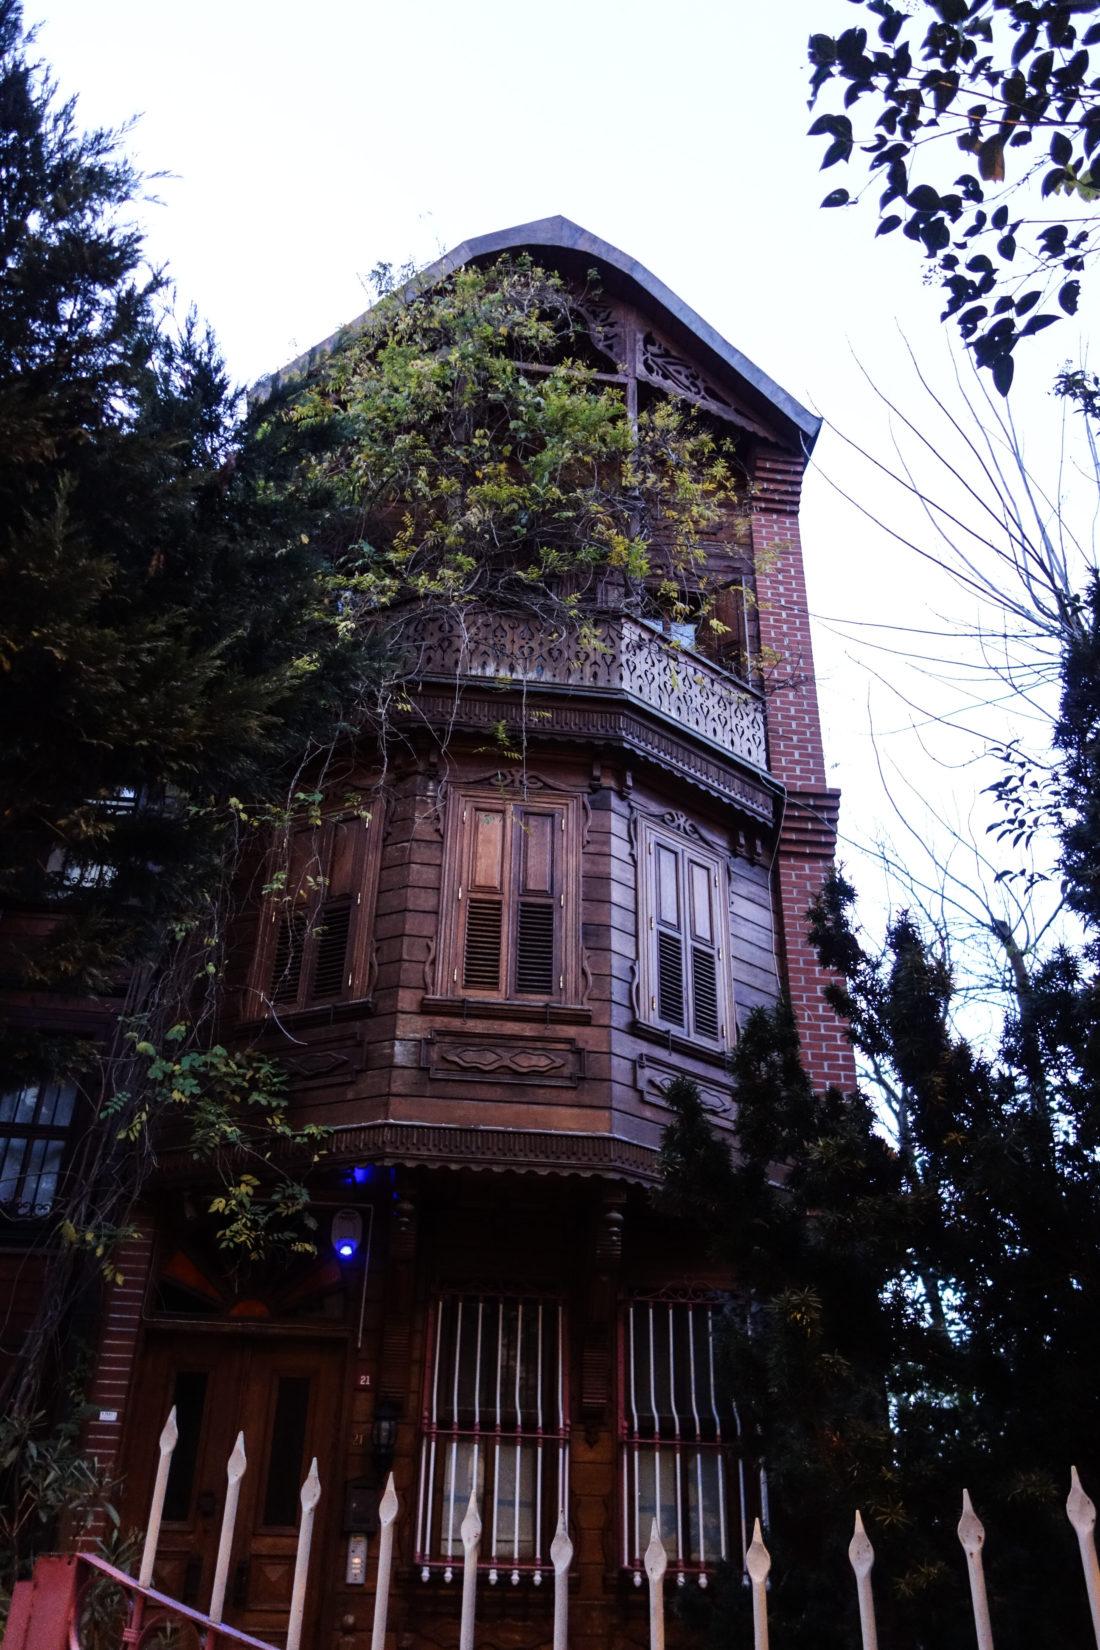 Le storiche abitazioni in legno, ormai in via di estinzione